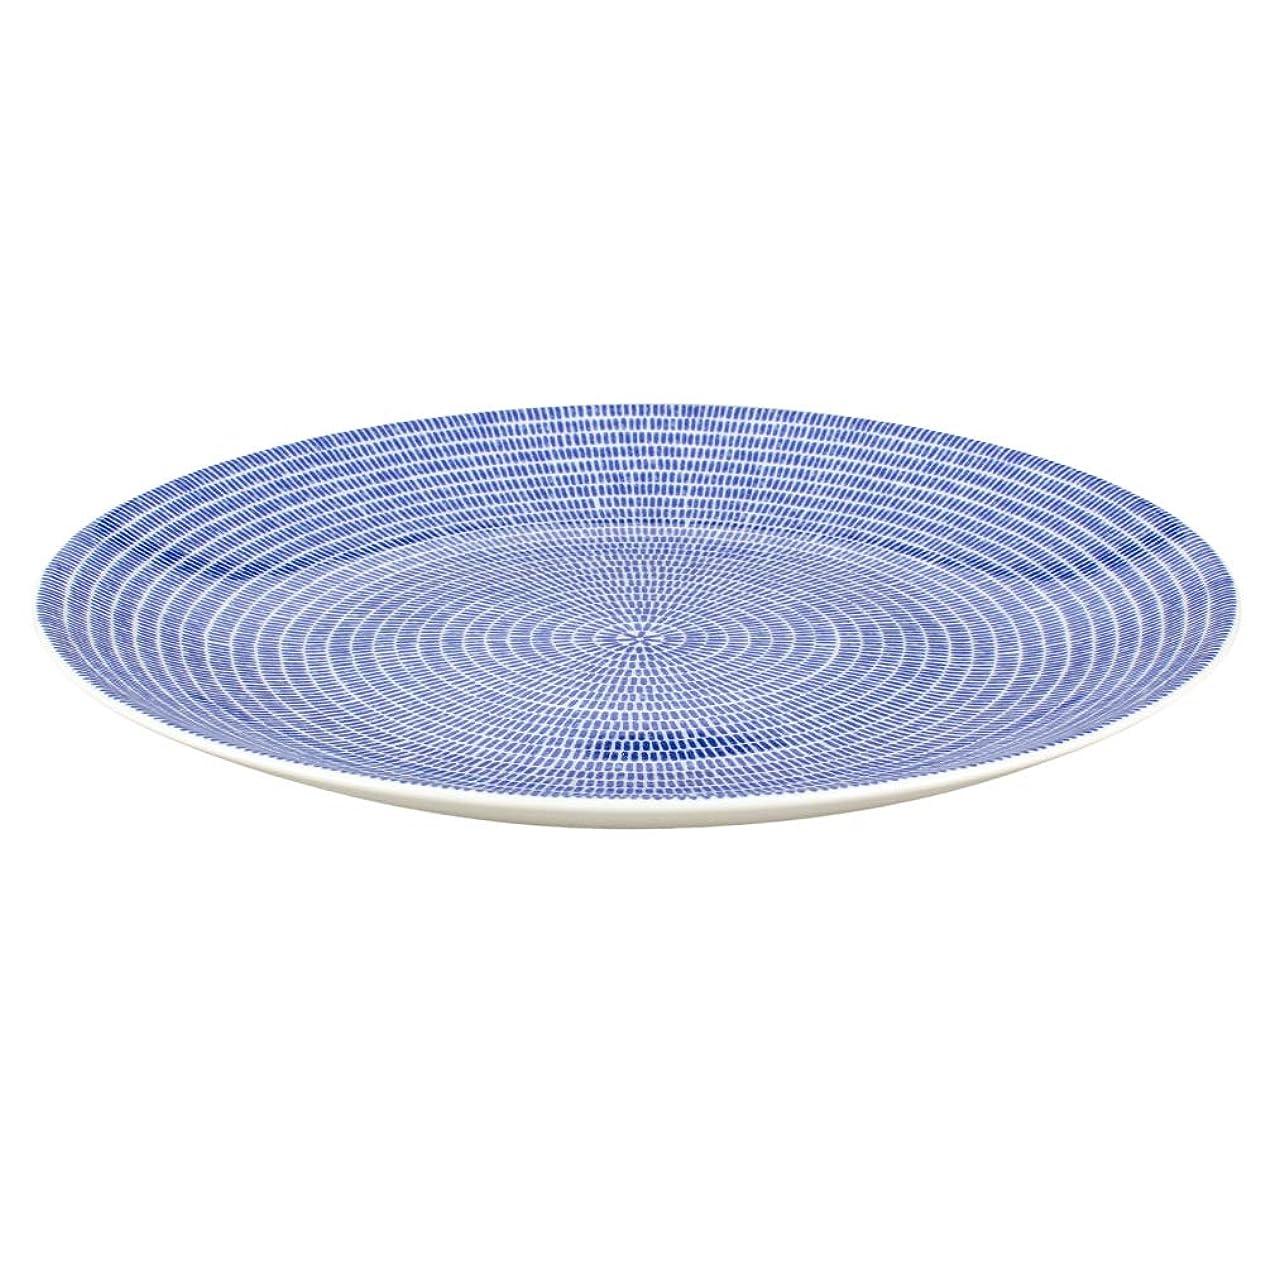 やろうボイドレタス【Arabia】[ アラビア ]【フィンランド北欧食器】24h Avec(008283) フラットプレート(皿) Plate flat 26cm Blue ブルー 新生活 [並行輸入品]